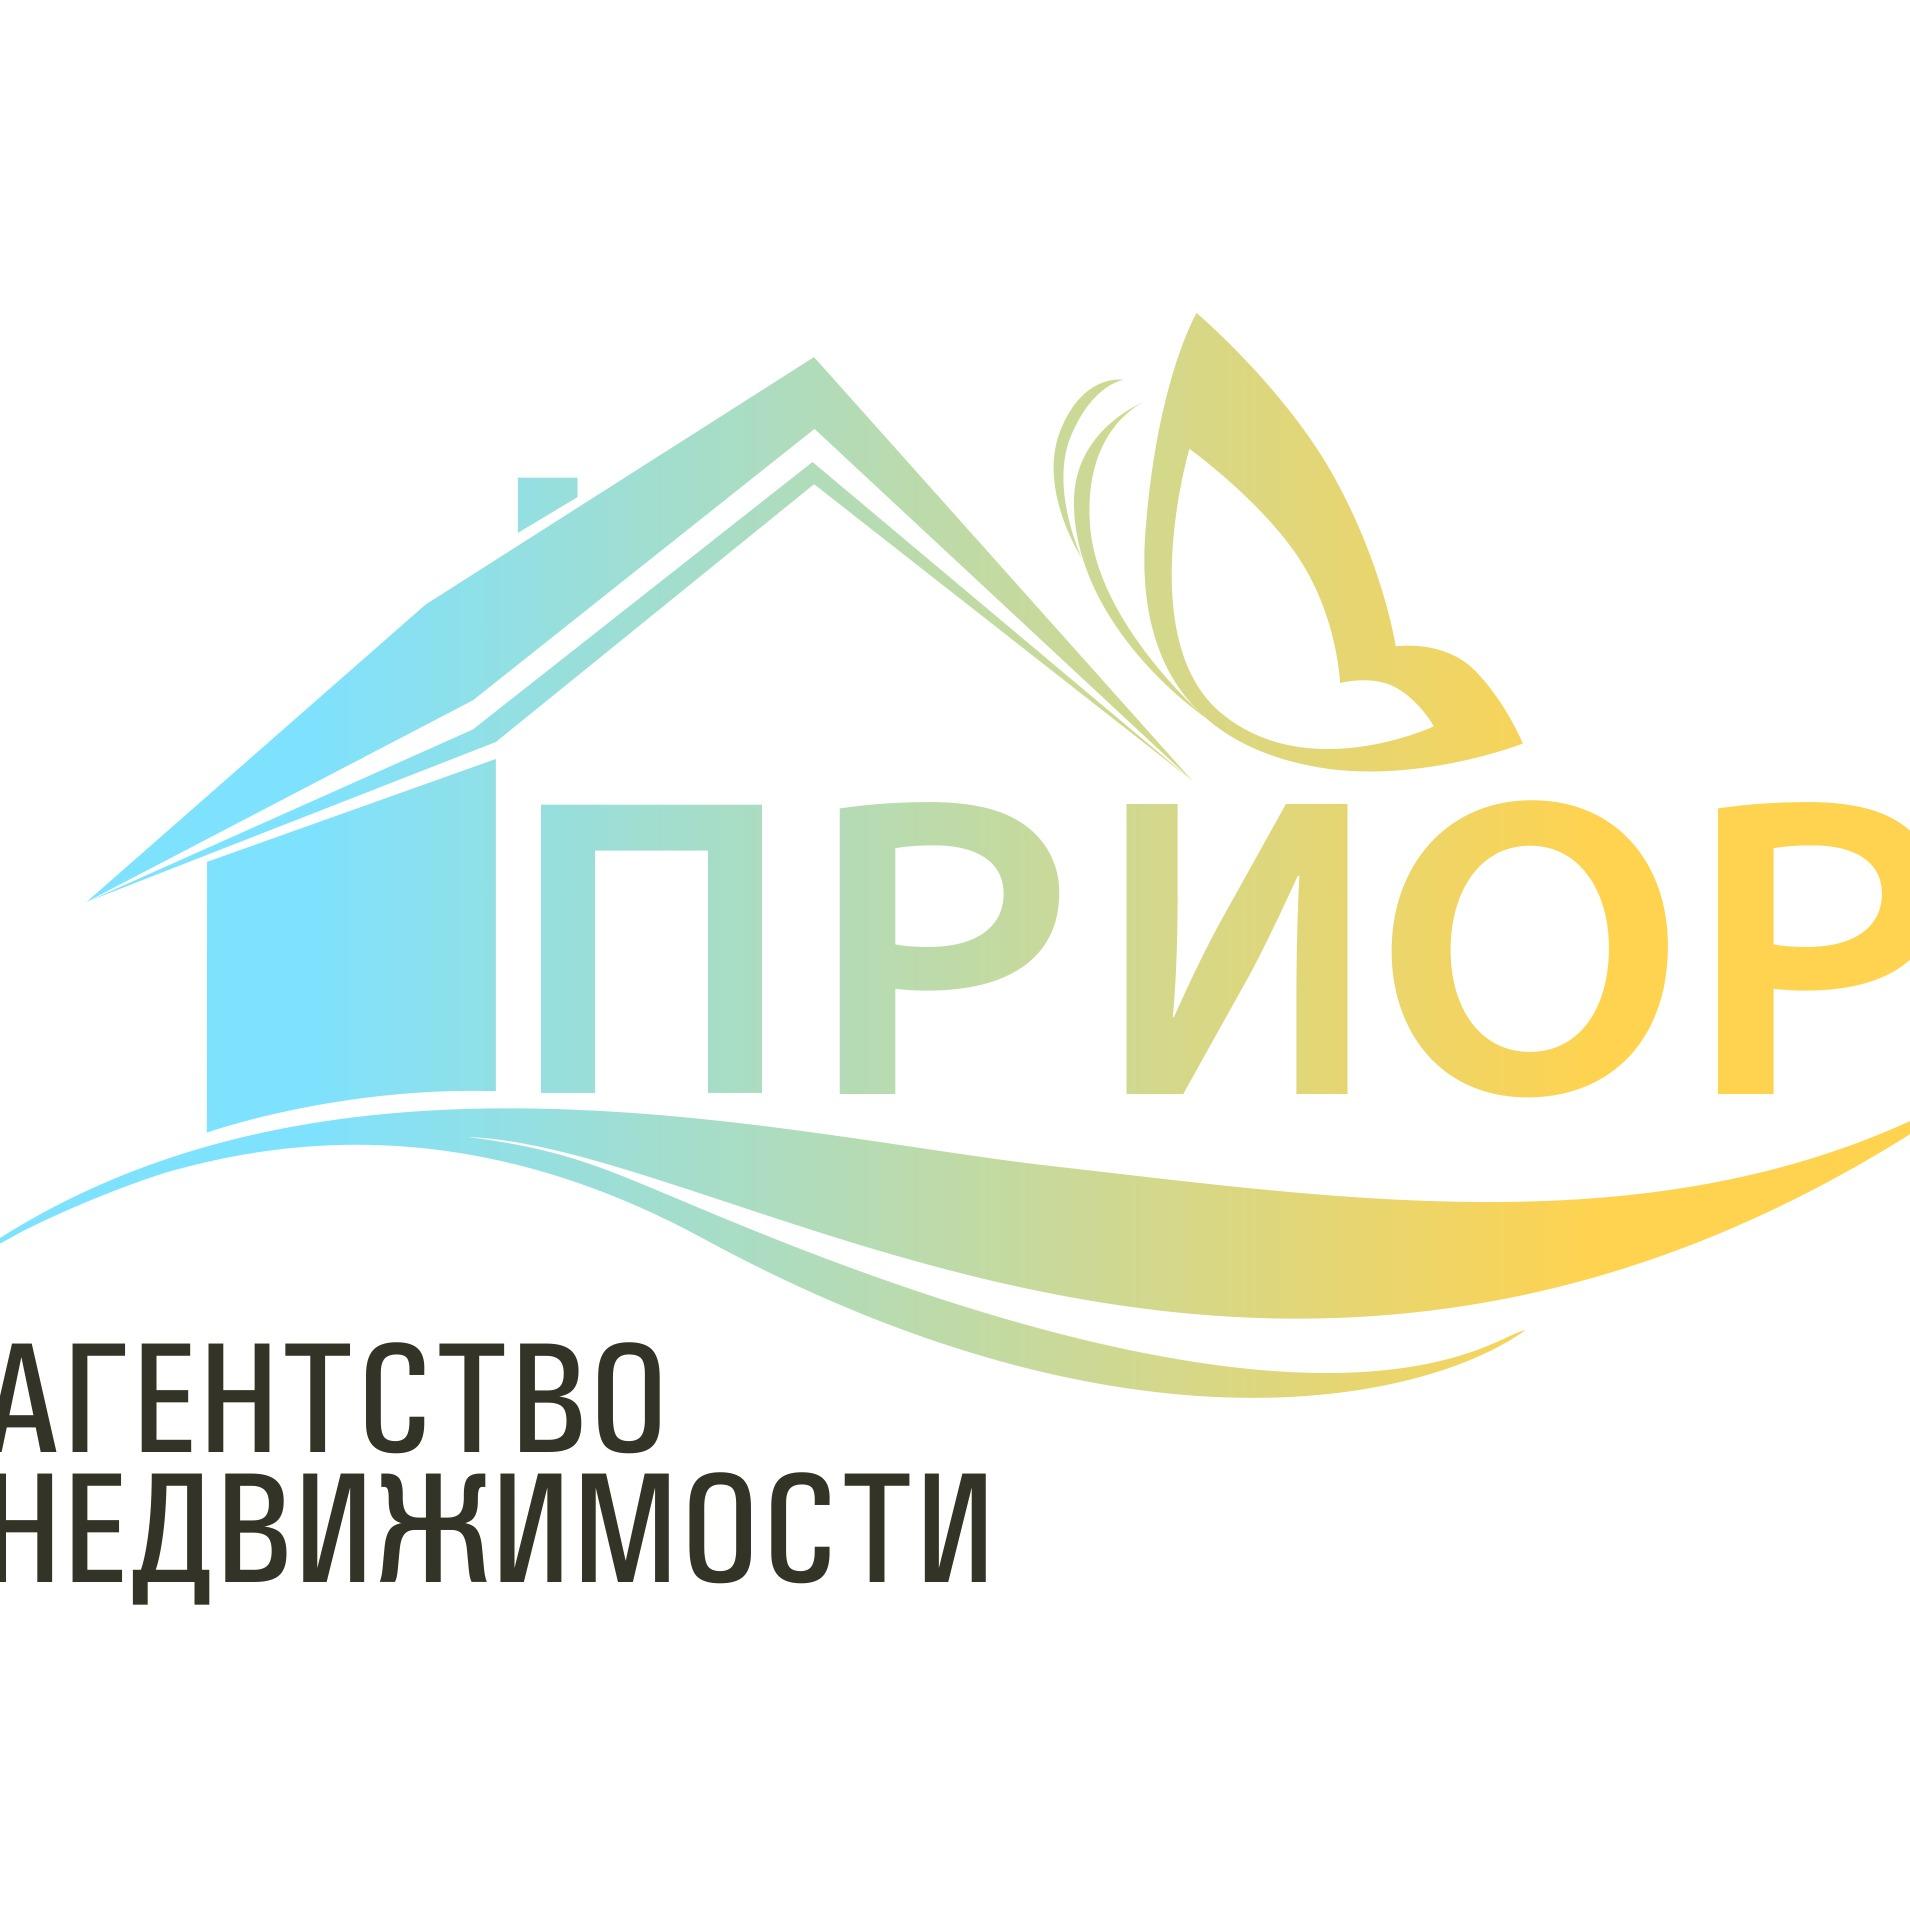 Компании по недвижимости сайт создание и продвижение сайтов в нижнем новгороде